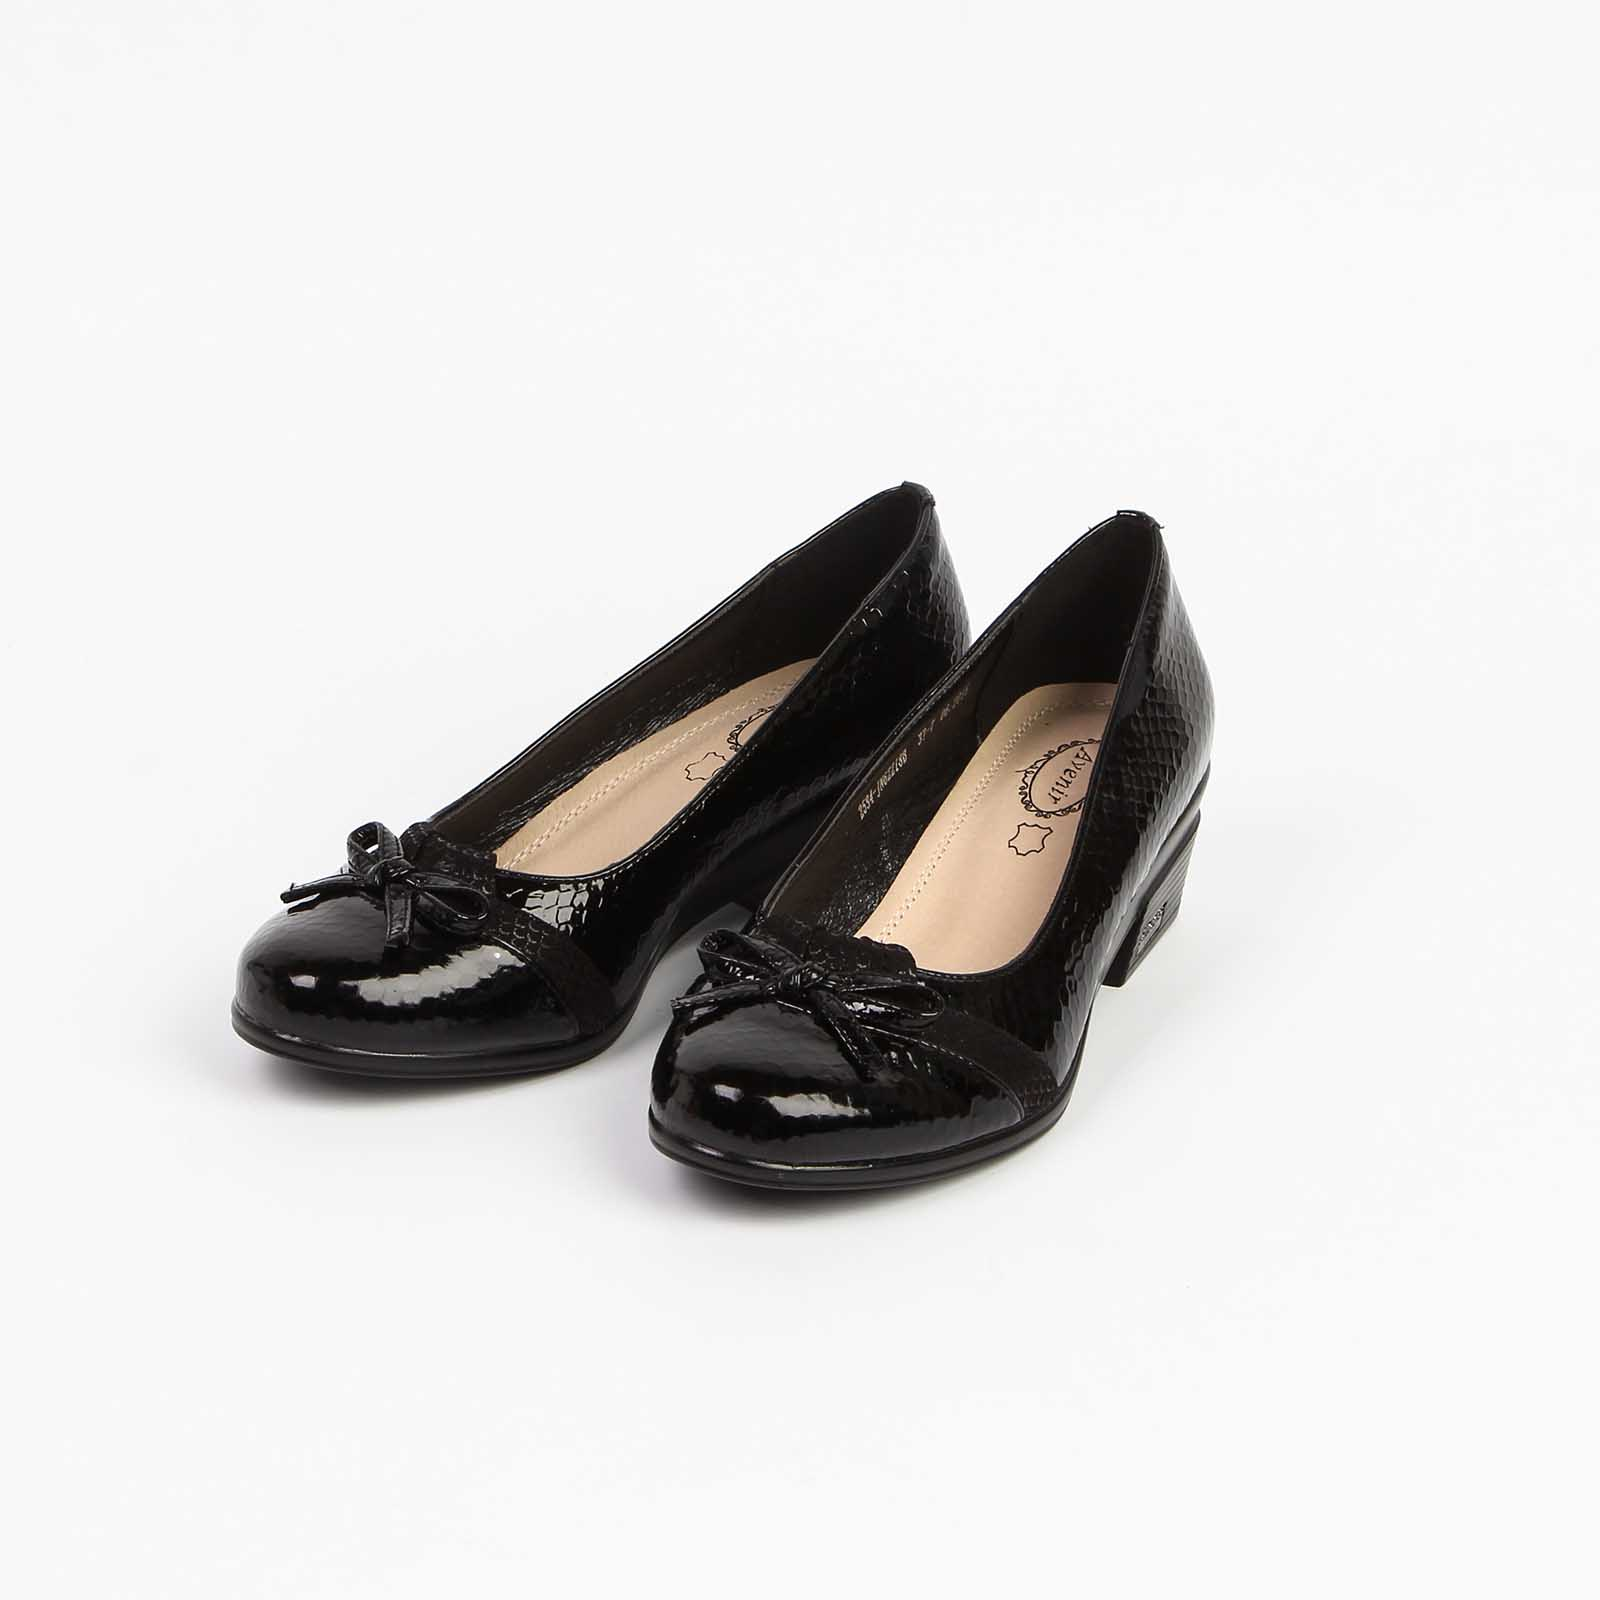 Туфли женские лакированные с изумительным украшением на мысу